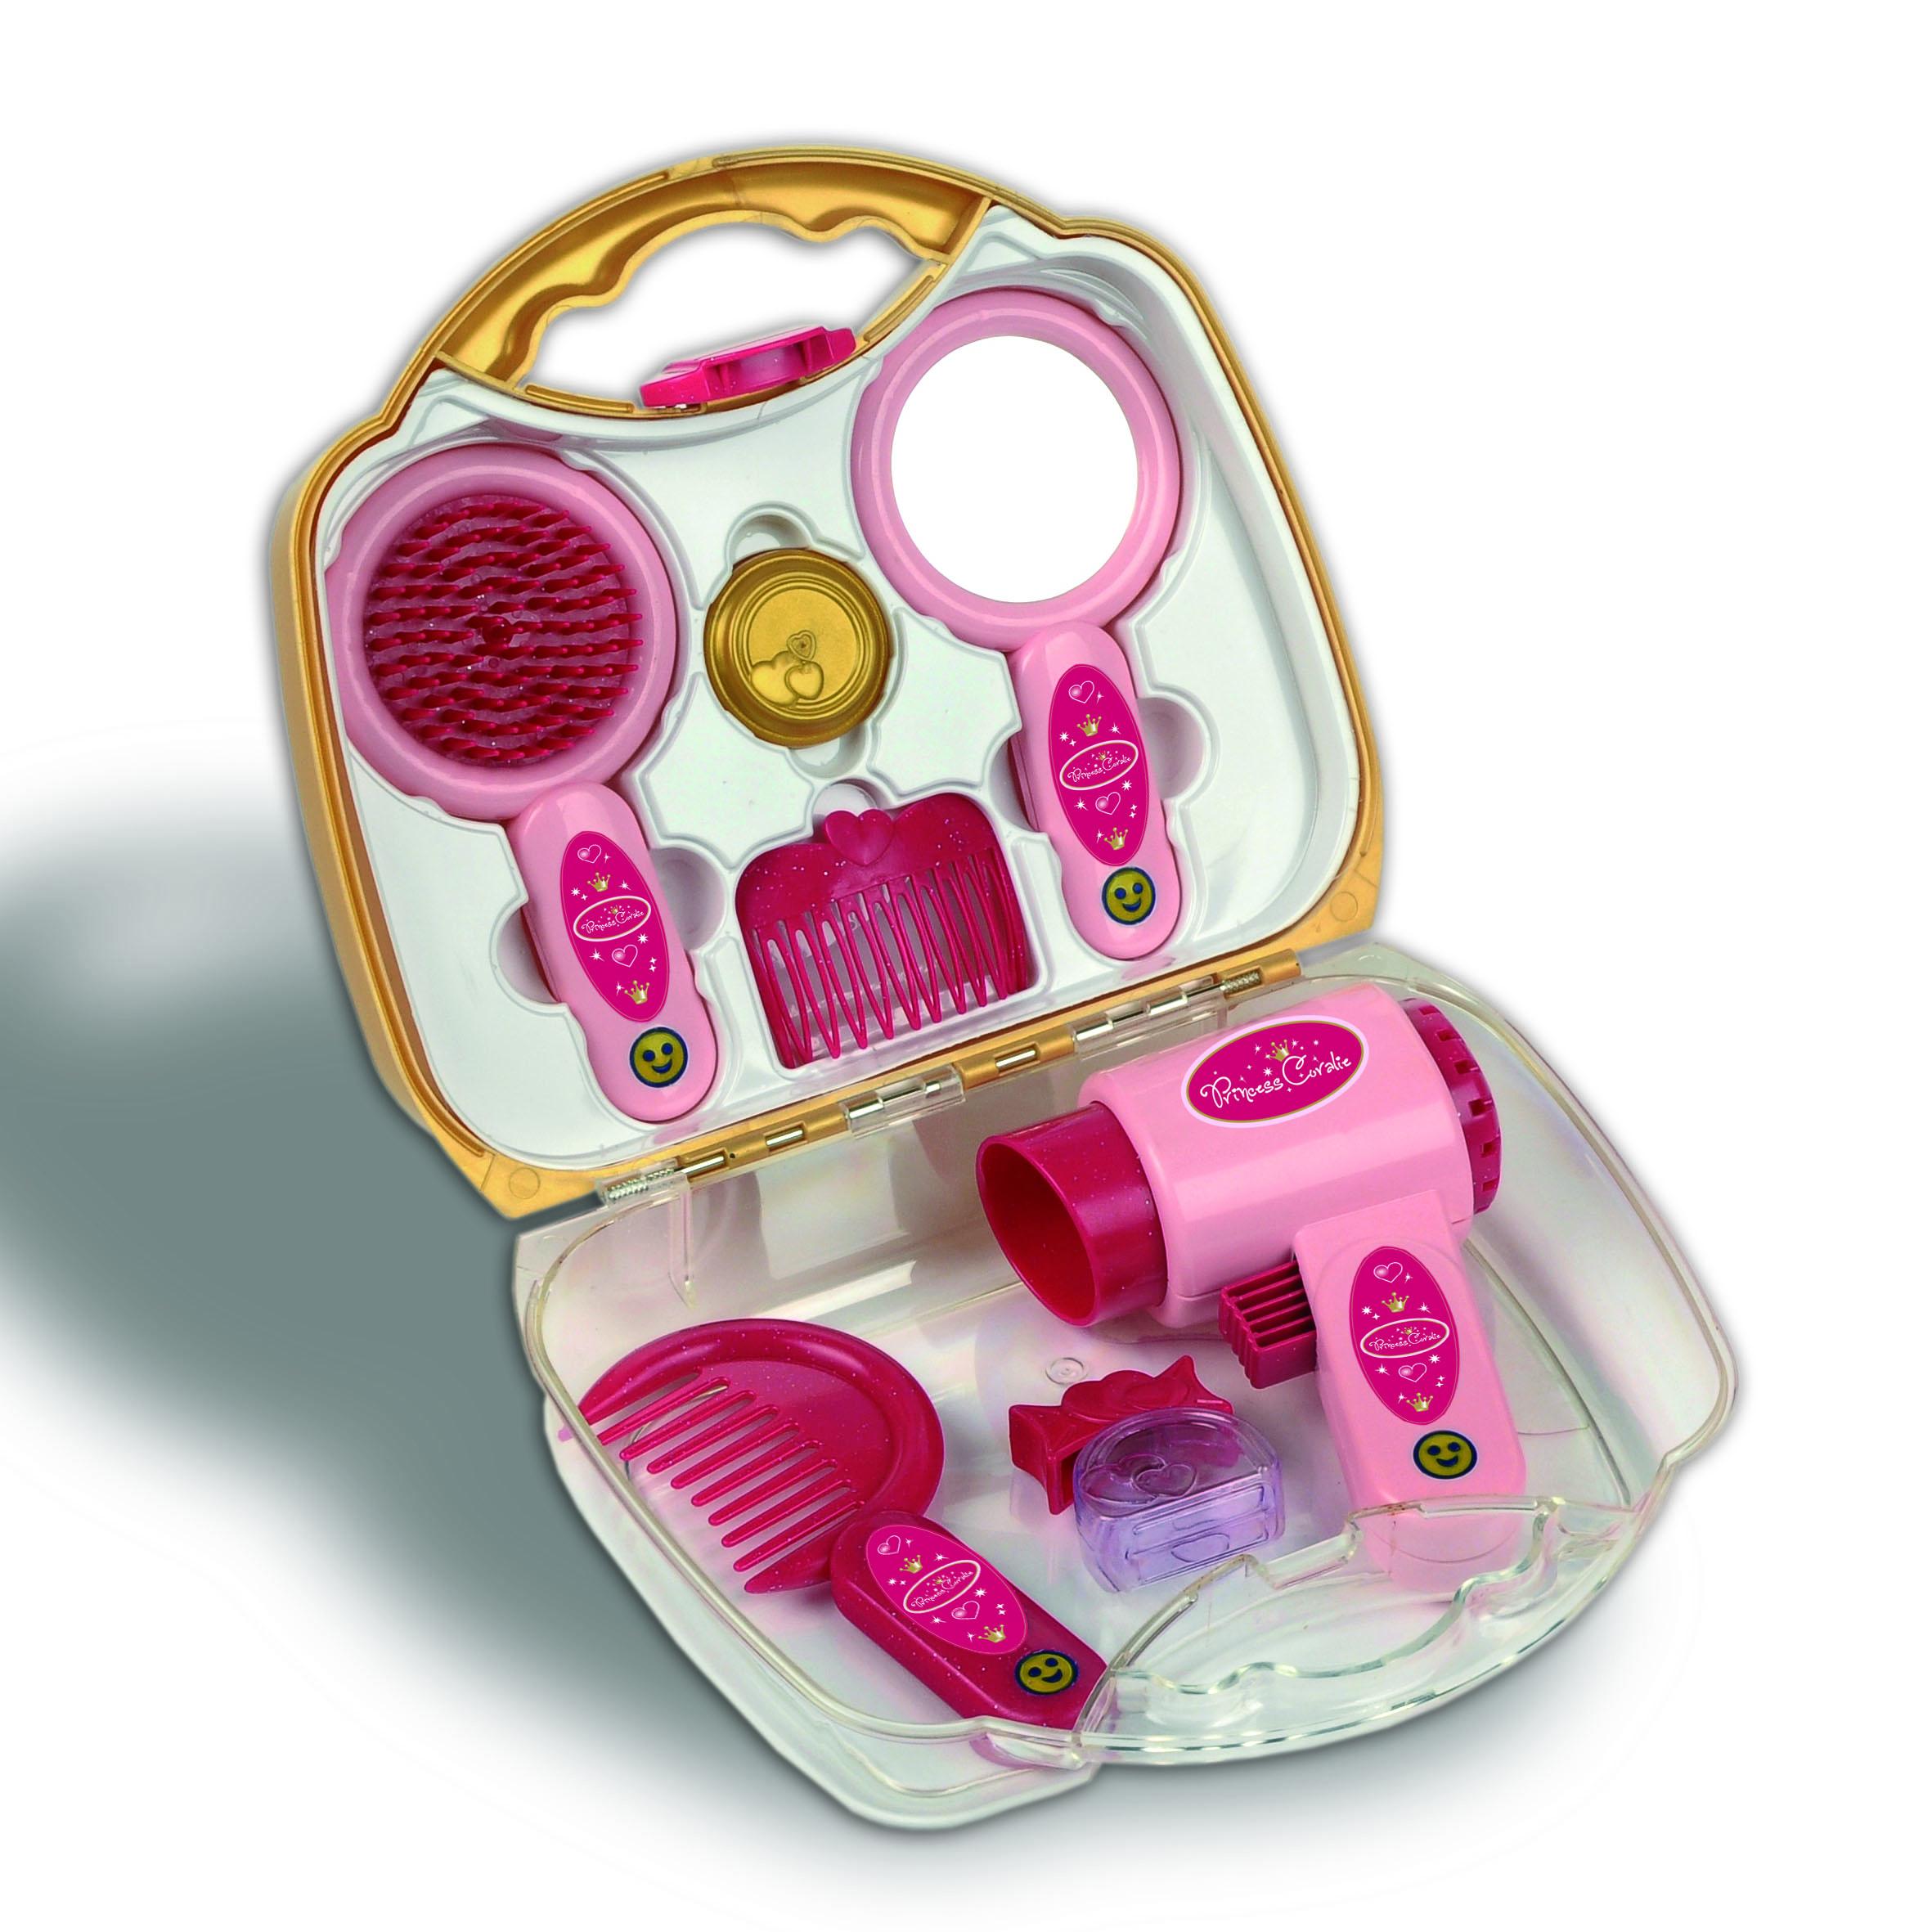 bf15782ceea98 Klein 5273 Zestaw fryzjerski w walizce Princess Coralie